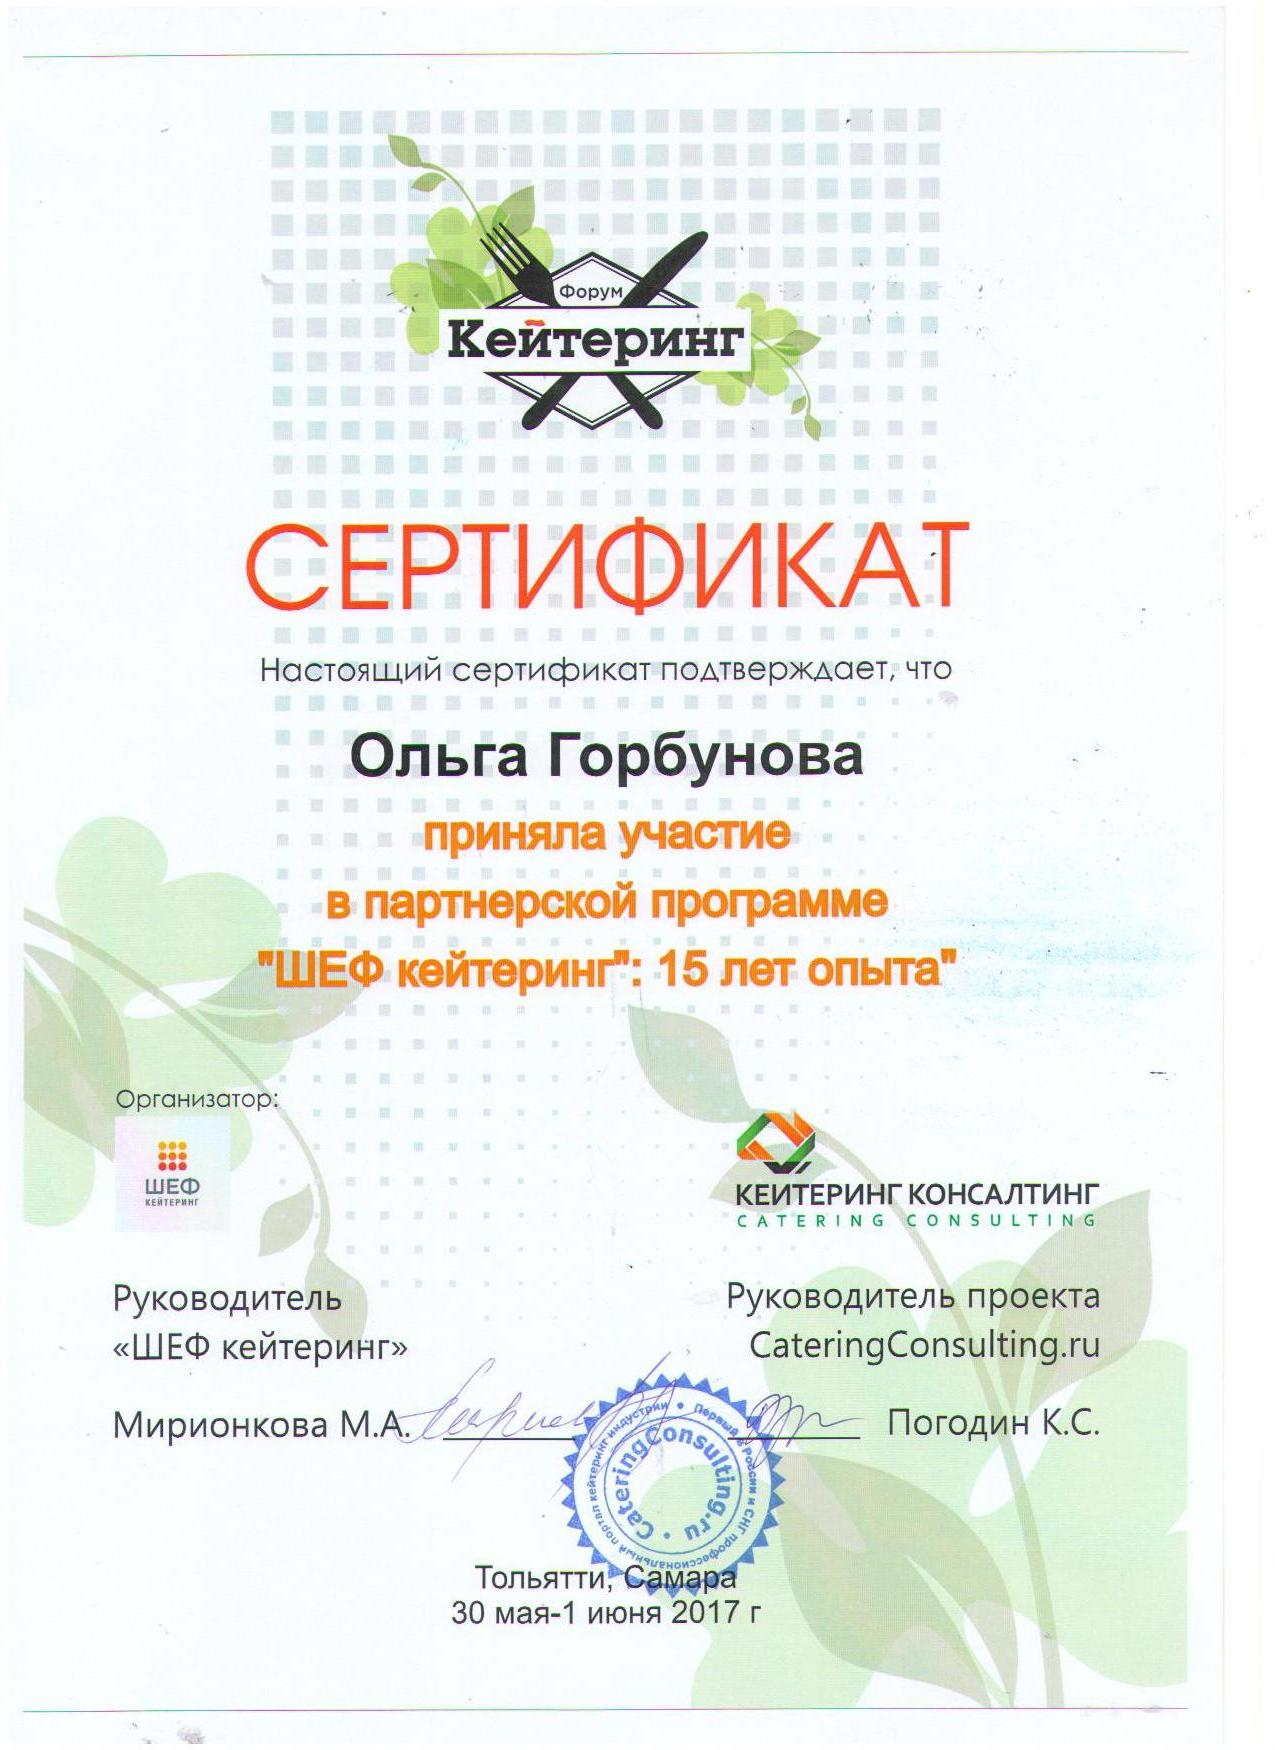 Мы_профессионалы_06 051 (2)